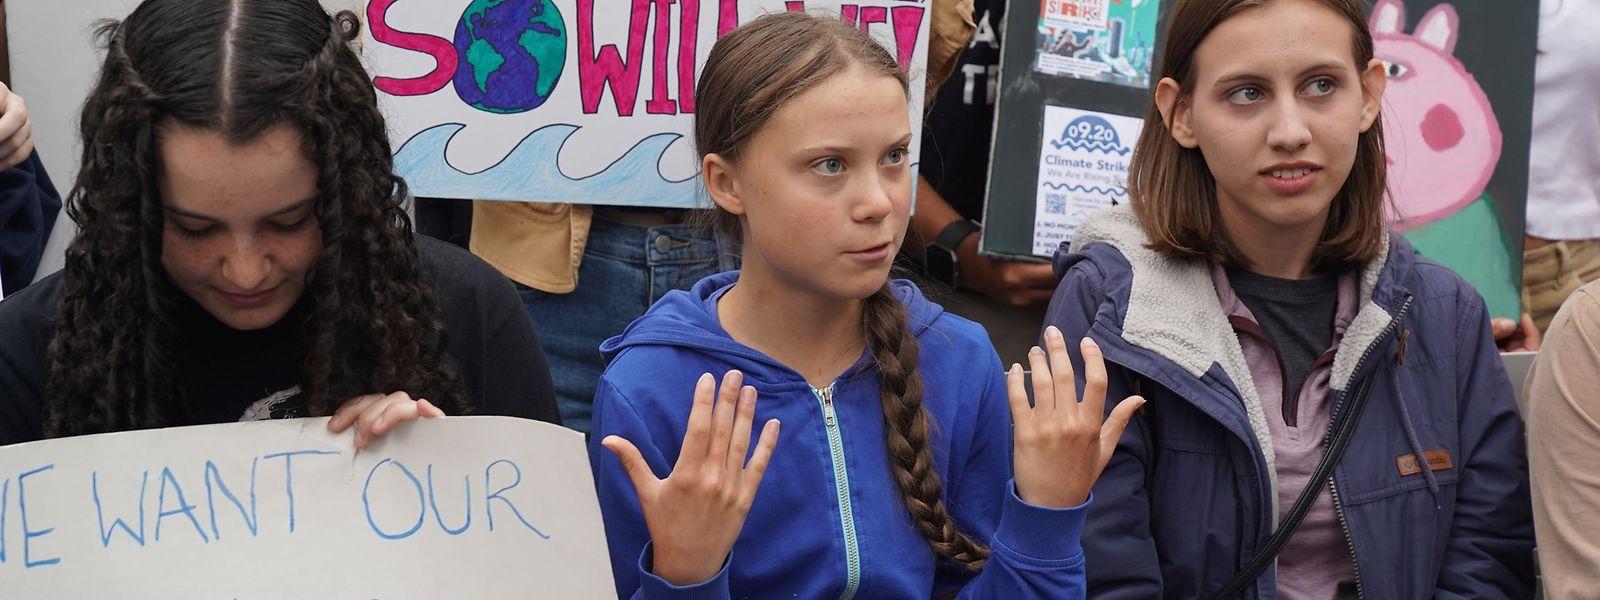 Greta Thunberg hatte im Vorfeld ihres USA-Besuchs gesagt, sie verzichte auf ein Treffen mit Donald Trump.